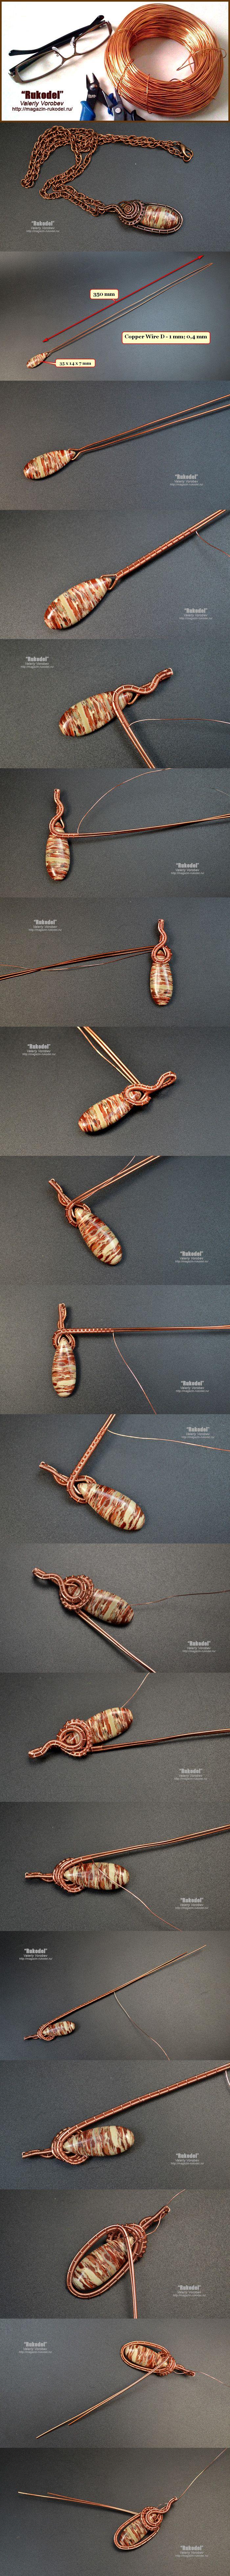 Кулон wire wrap. Урок для начинающих мастеров рукоделия ...